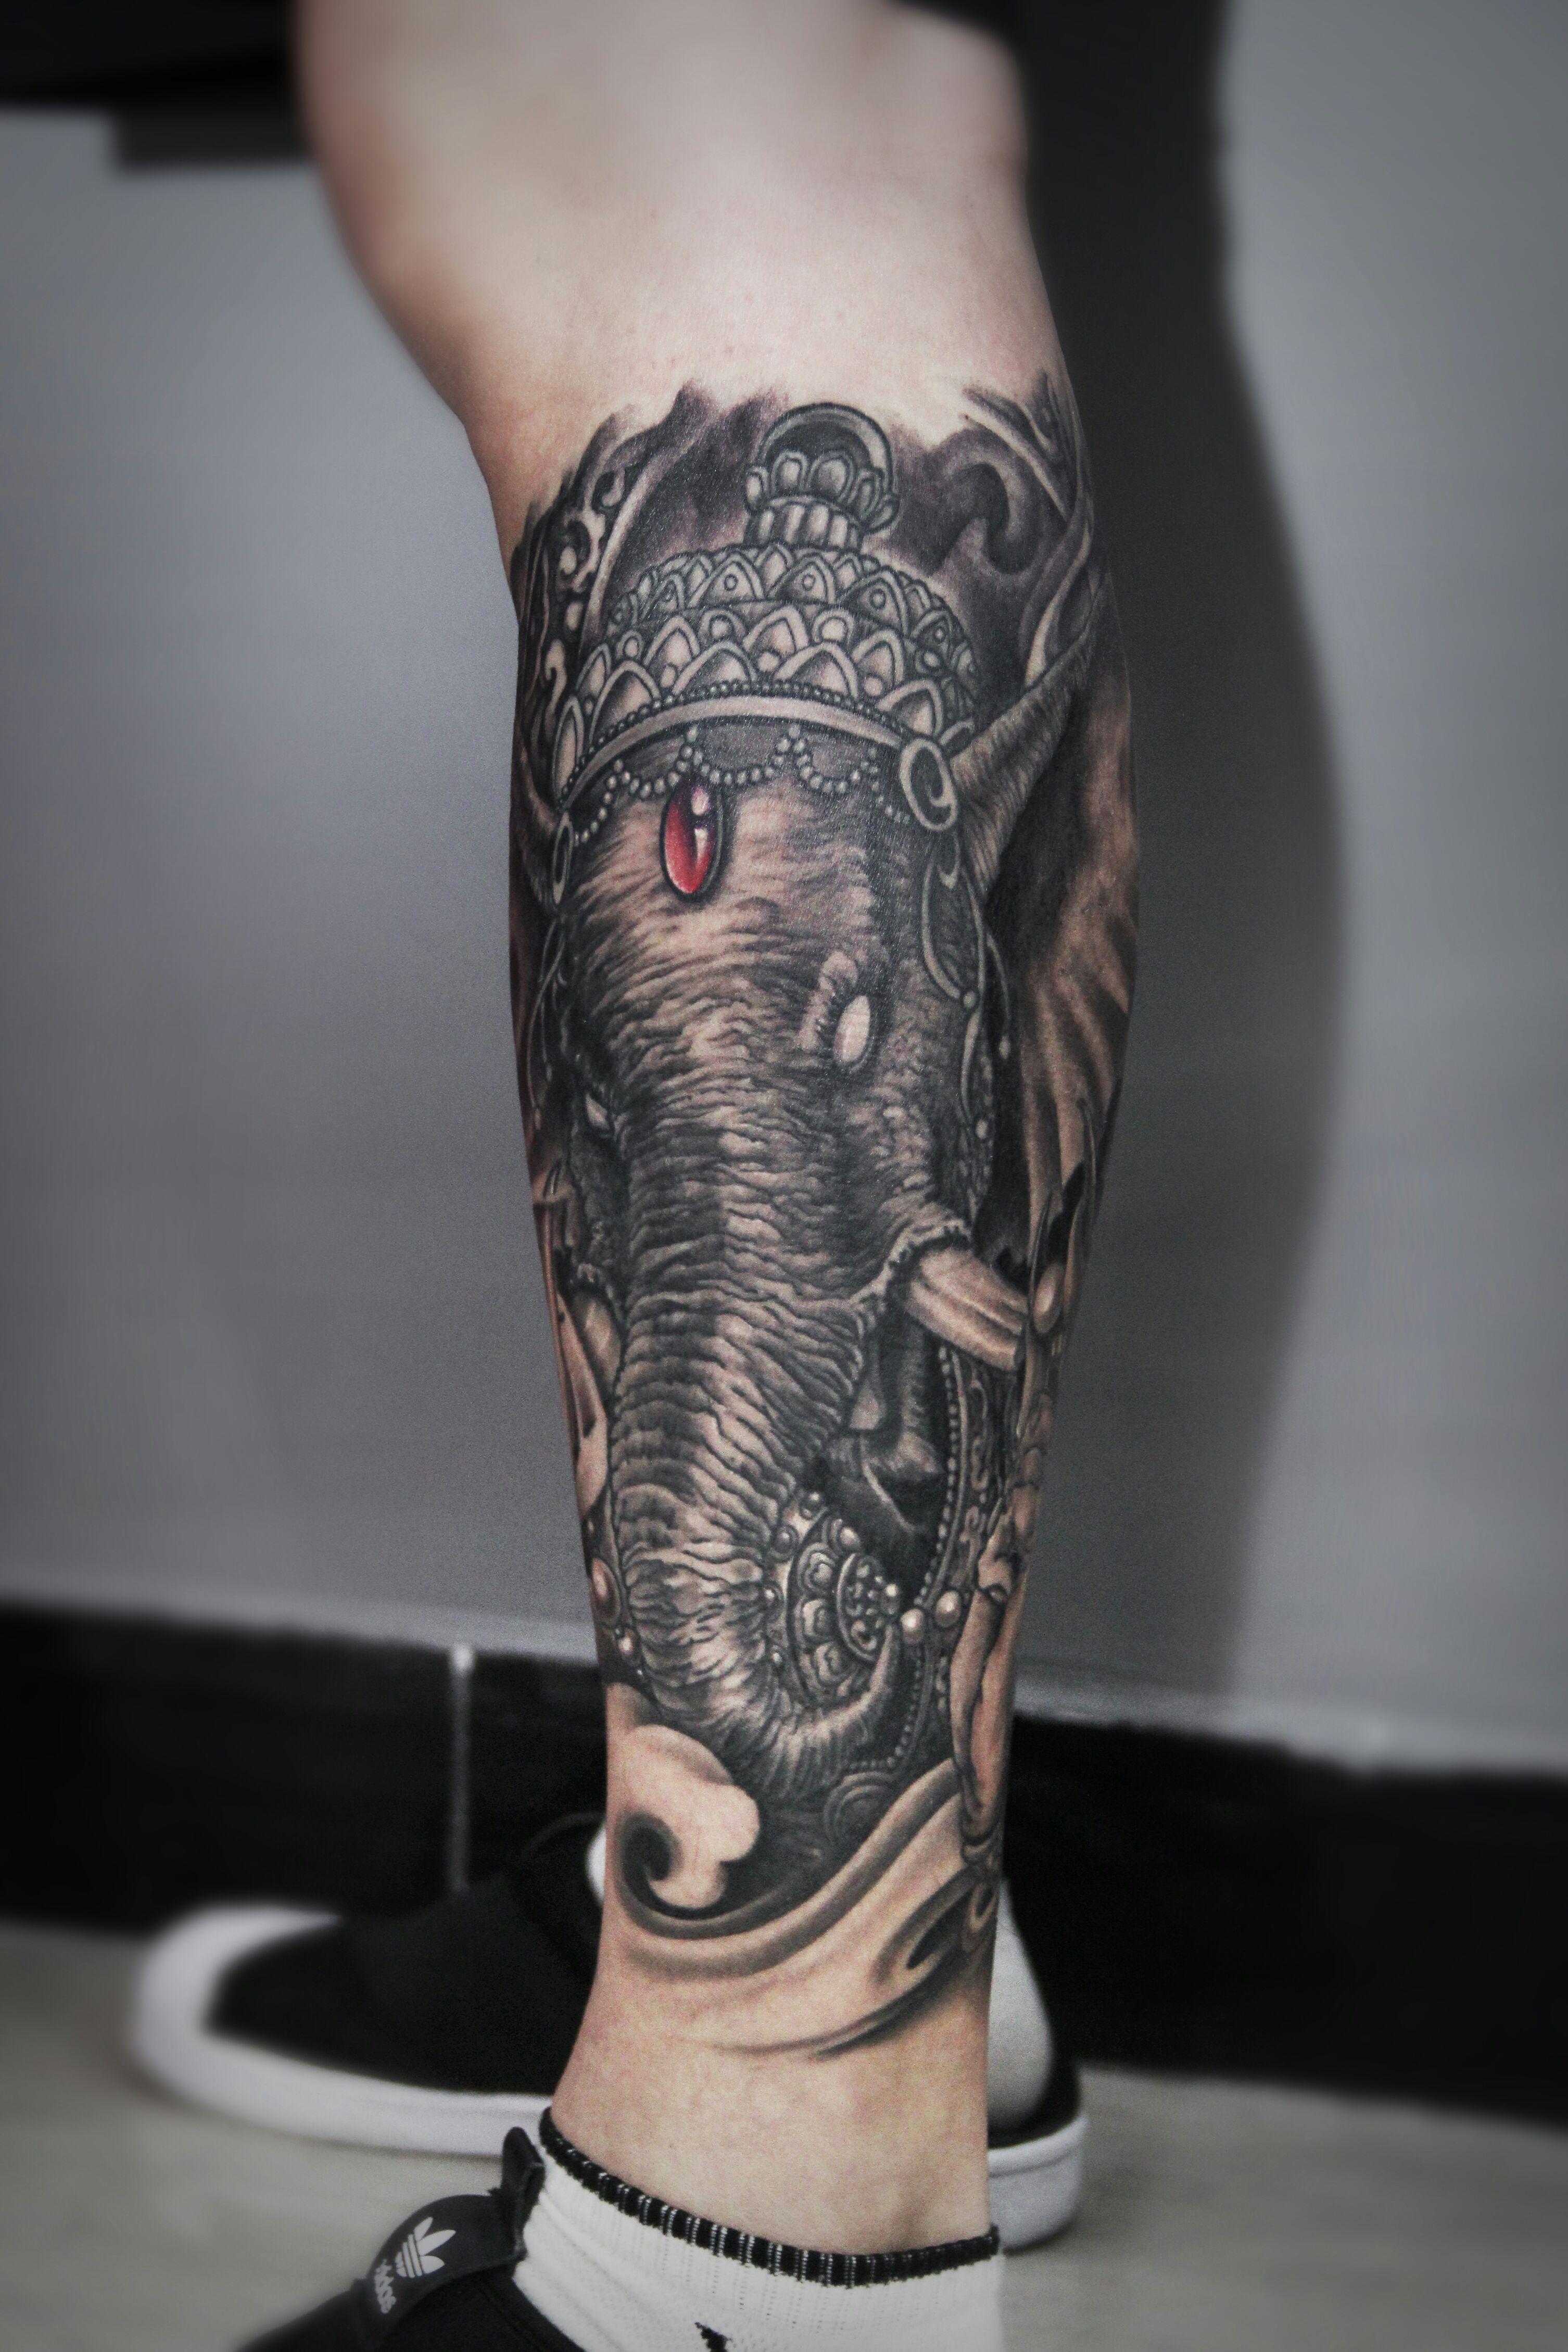 小腿象征智慧和幸运的黑灰传统象神纹身图案_深圳纹彩